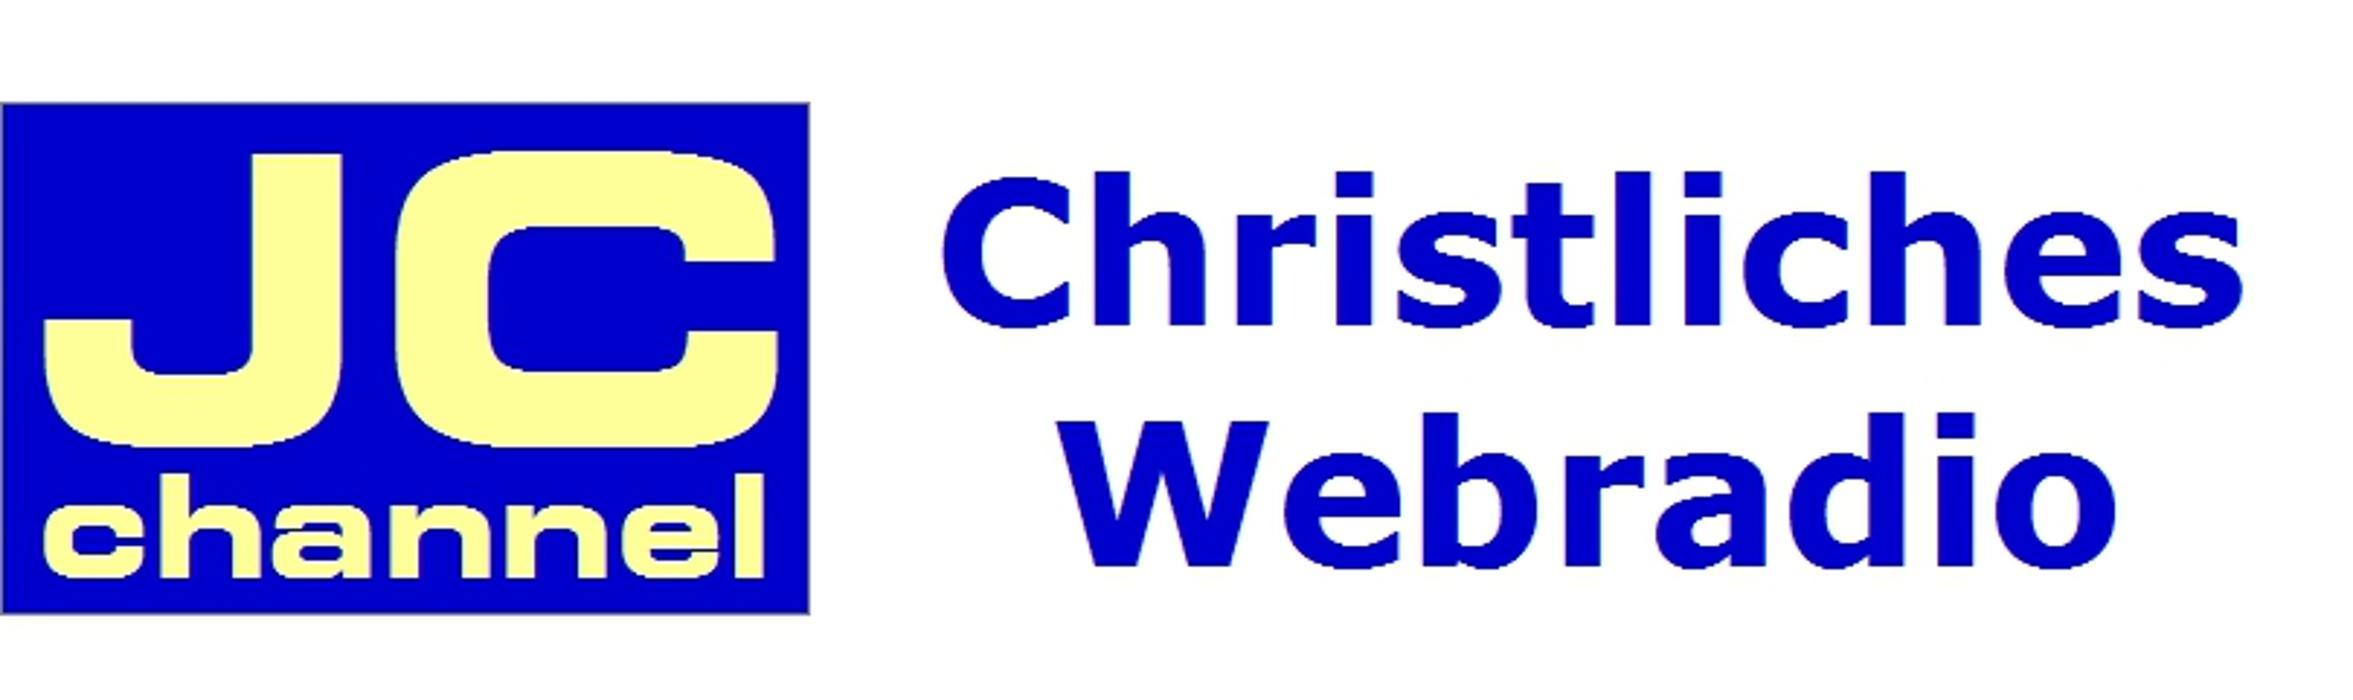 Bild zu JC channel - Christliches Webradio in Nürnberg